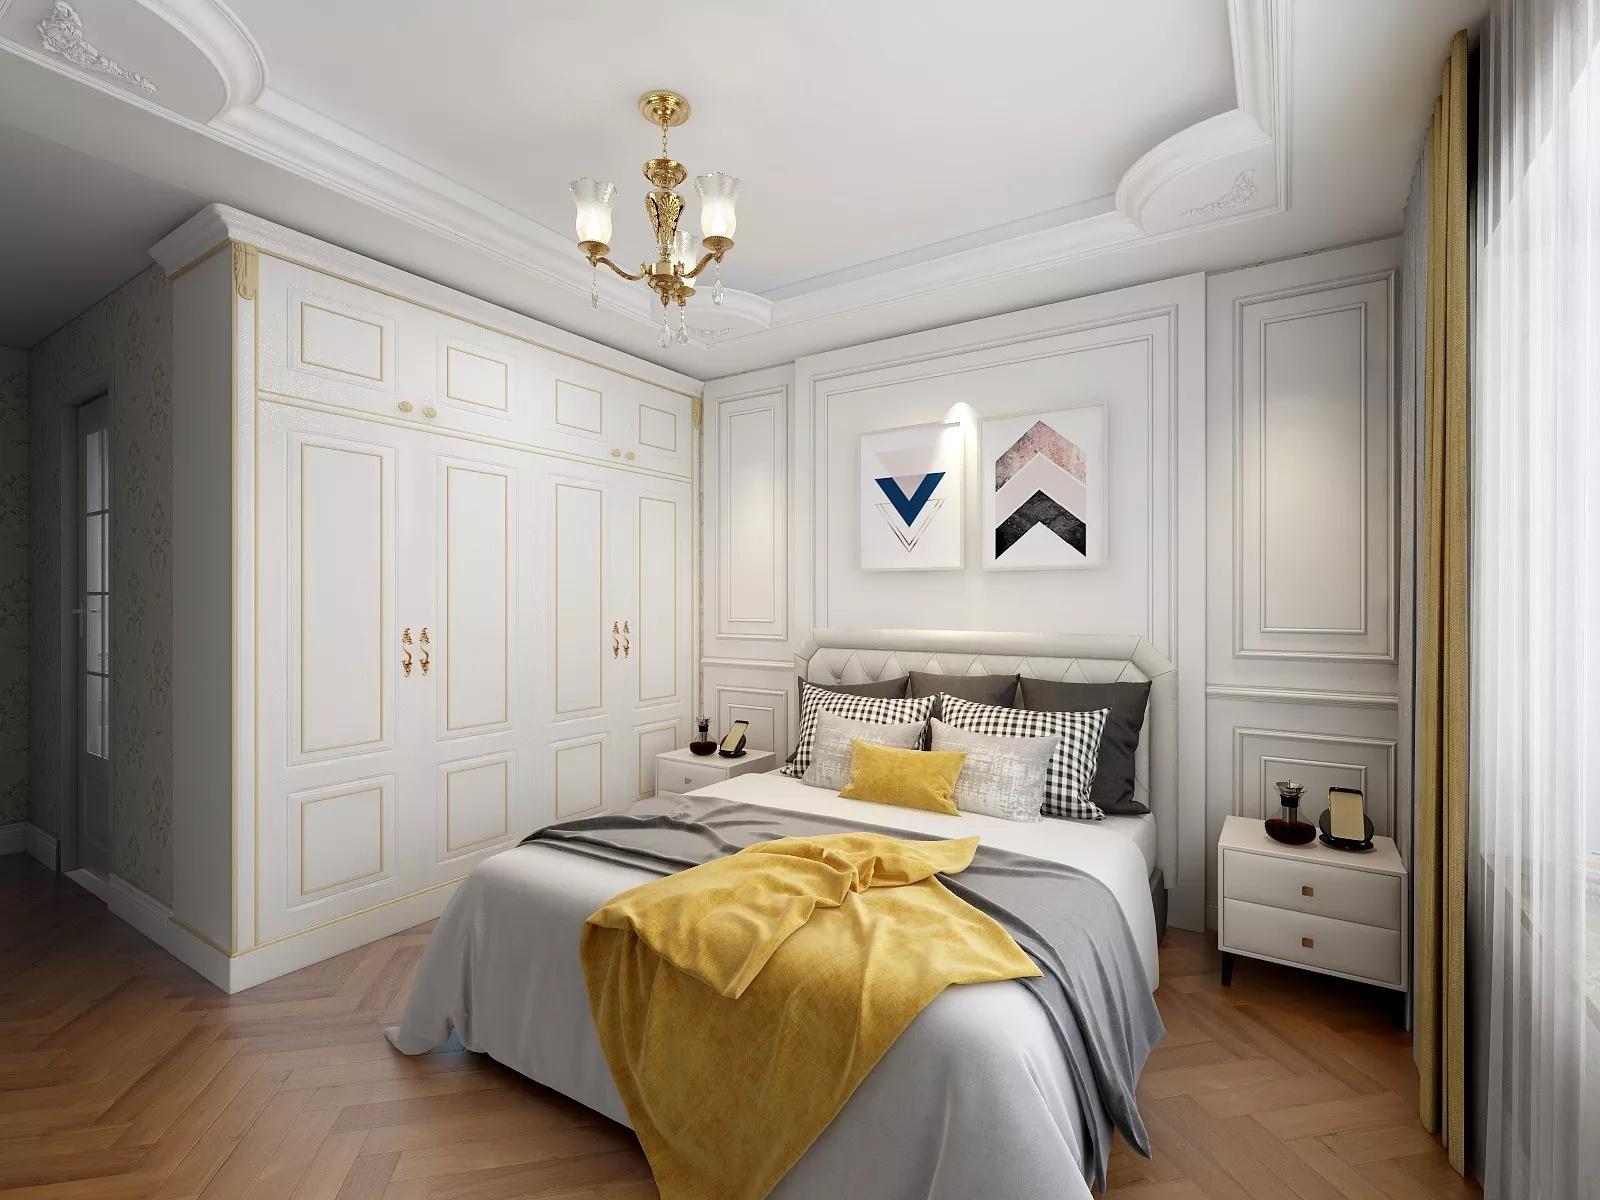 卧室,简约风格,时尚,舒适